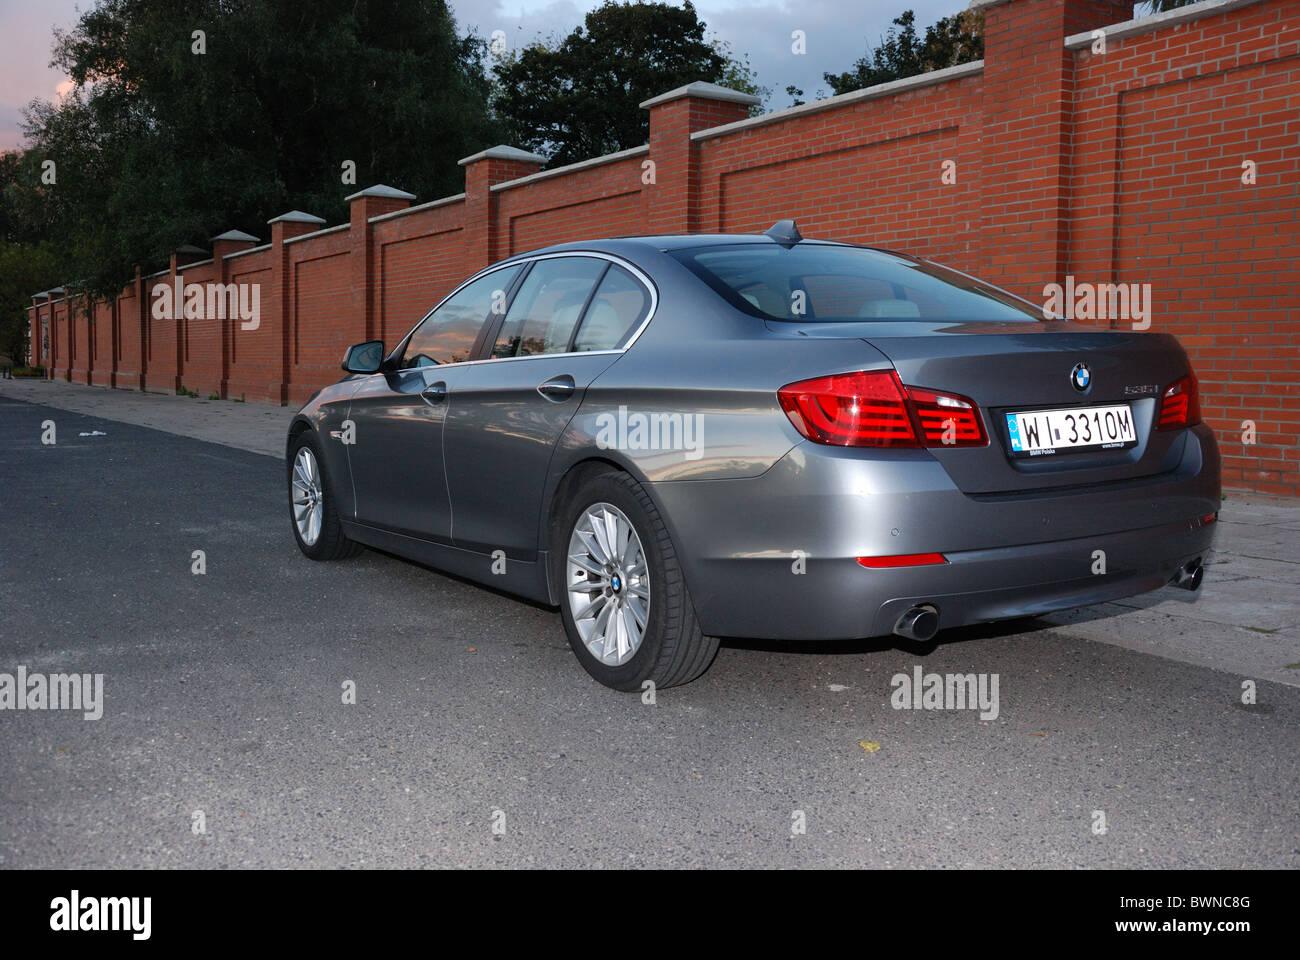 Bmw Prestige Cars Stock Photos Bmw Prestige Cars Stock Images Alamy